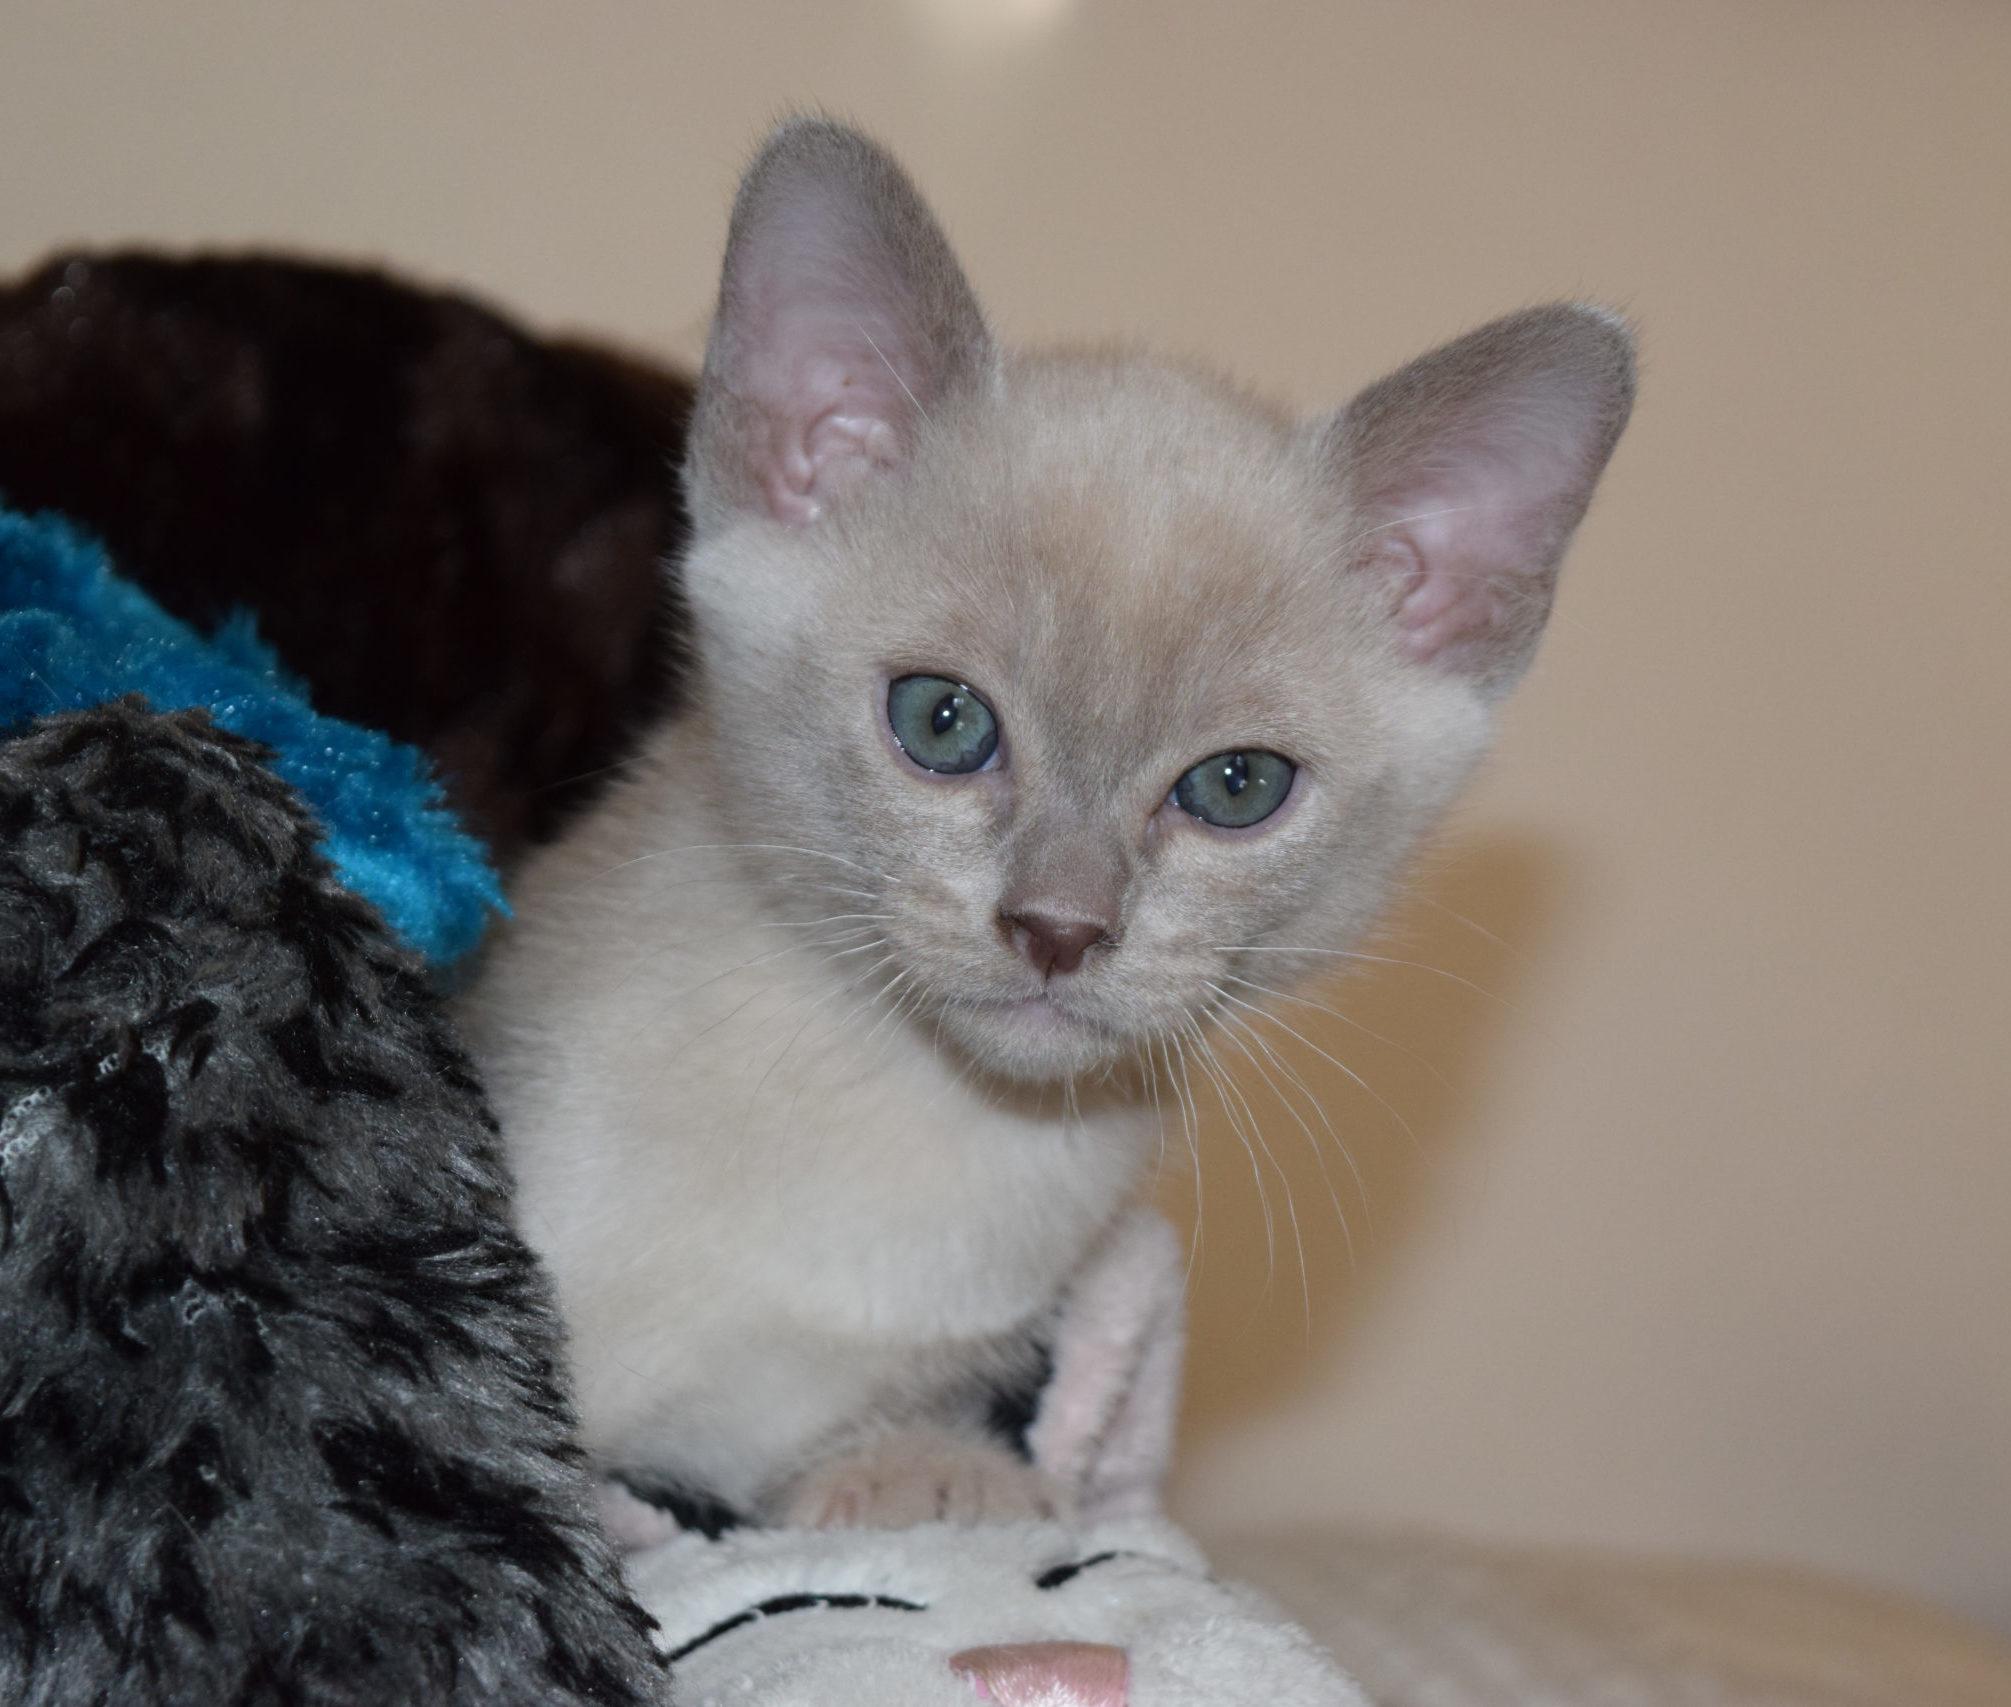 Cute Kitten Gallery